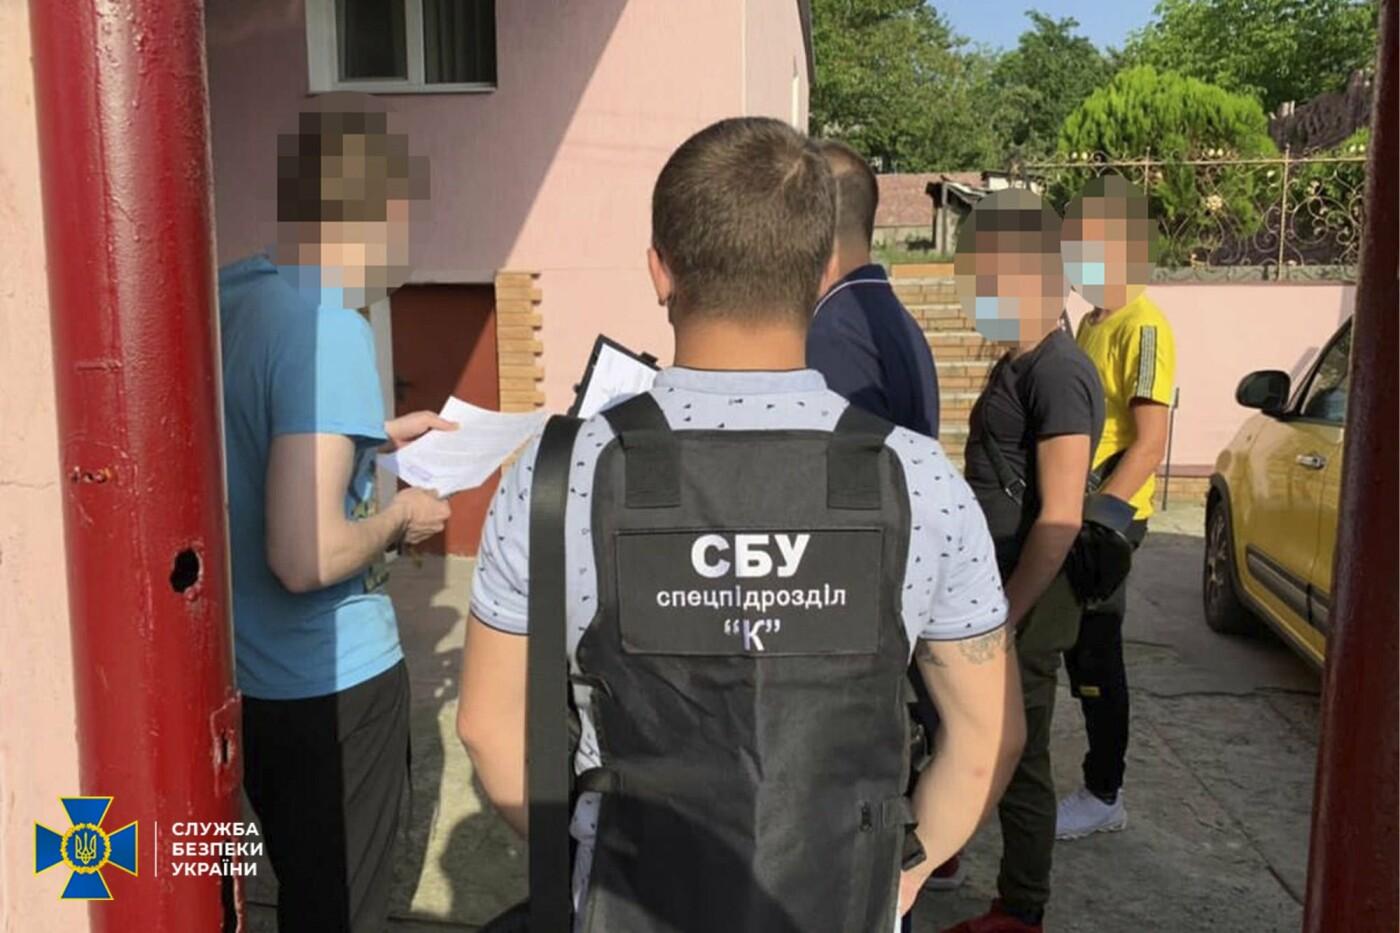 В Днепре работник тюрьмы организовал коррупционную схему и вымогал деньги у заключенных, фото-2